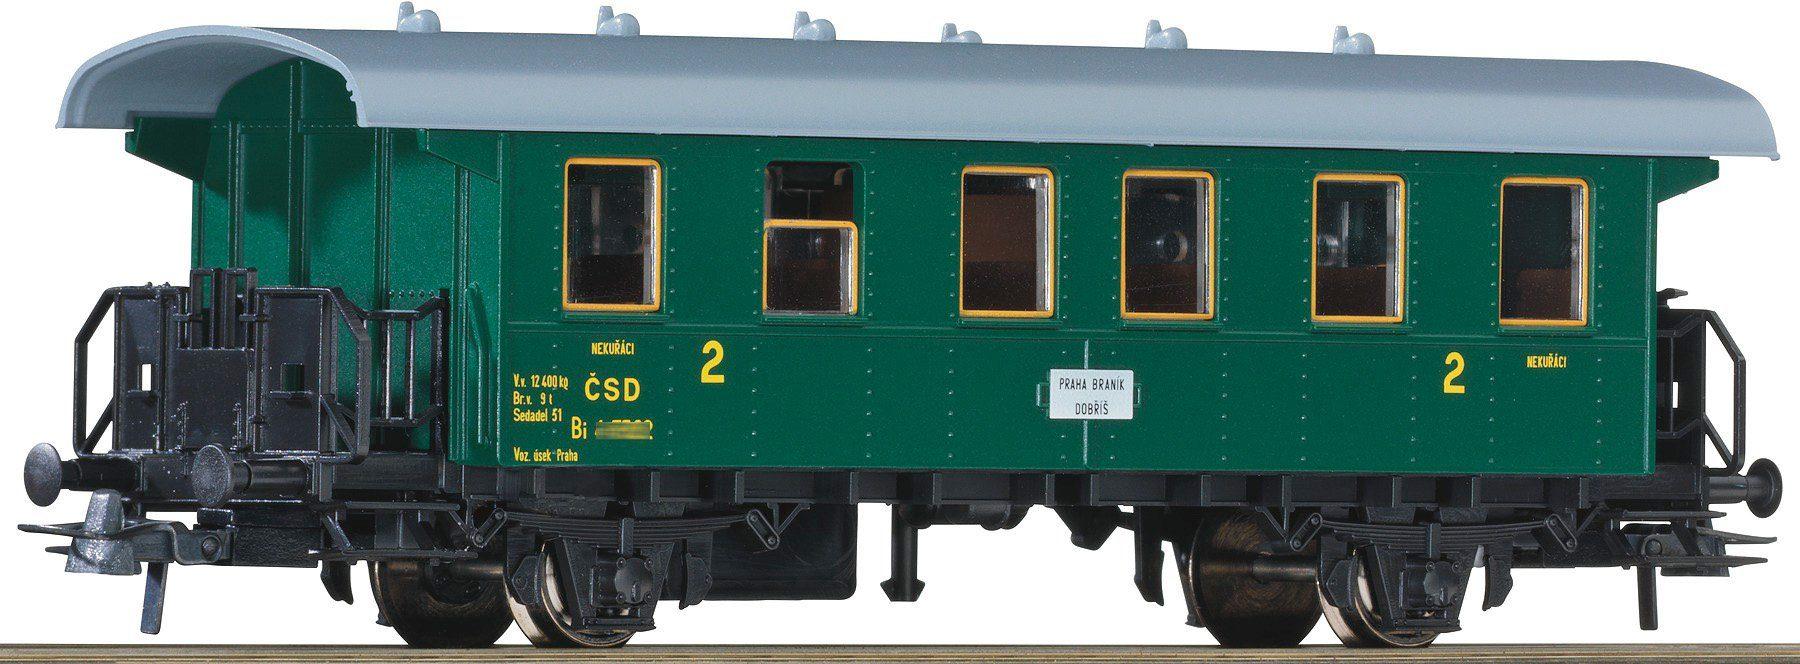 Roco Personenwagen, Spur H0, »Personenwagen 2.Klasse CSD - Gleichstrom«